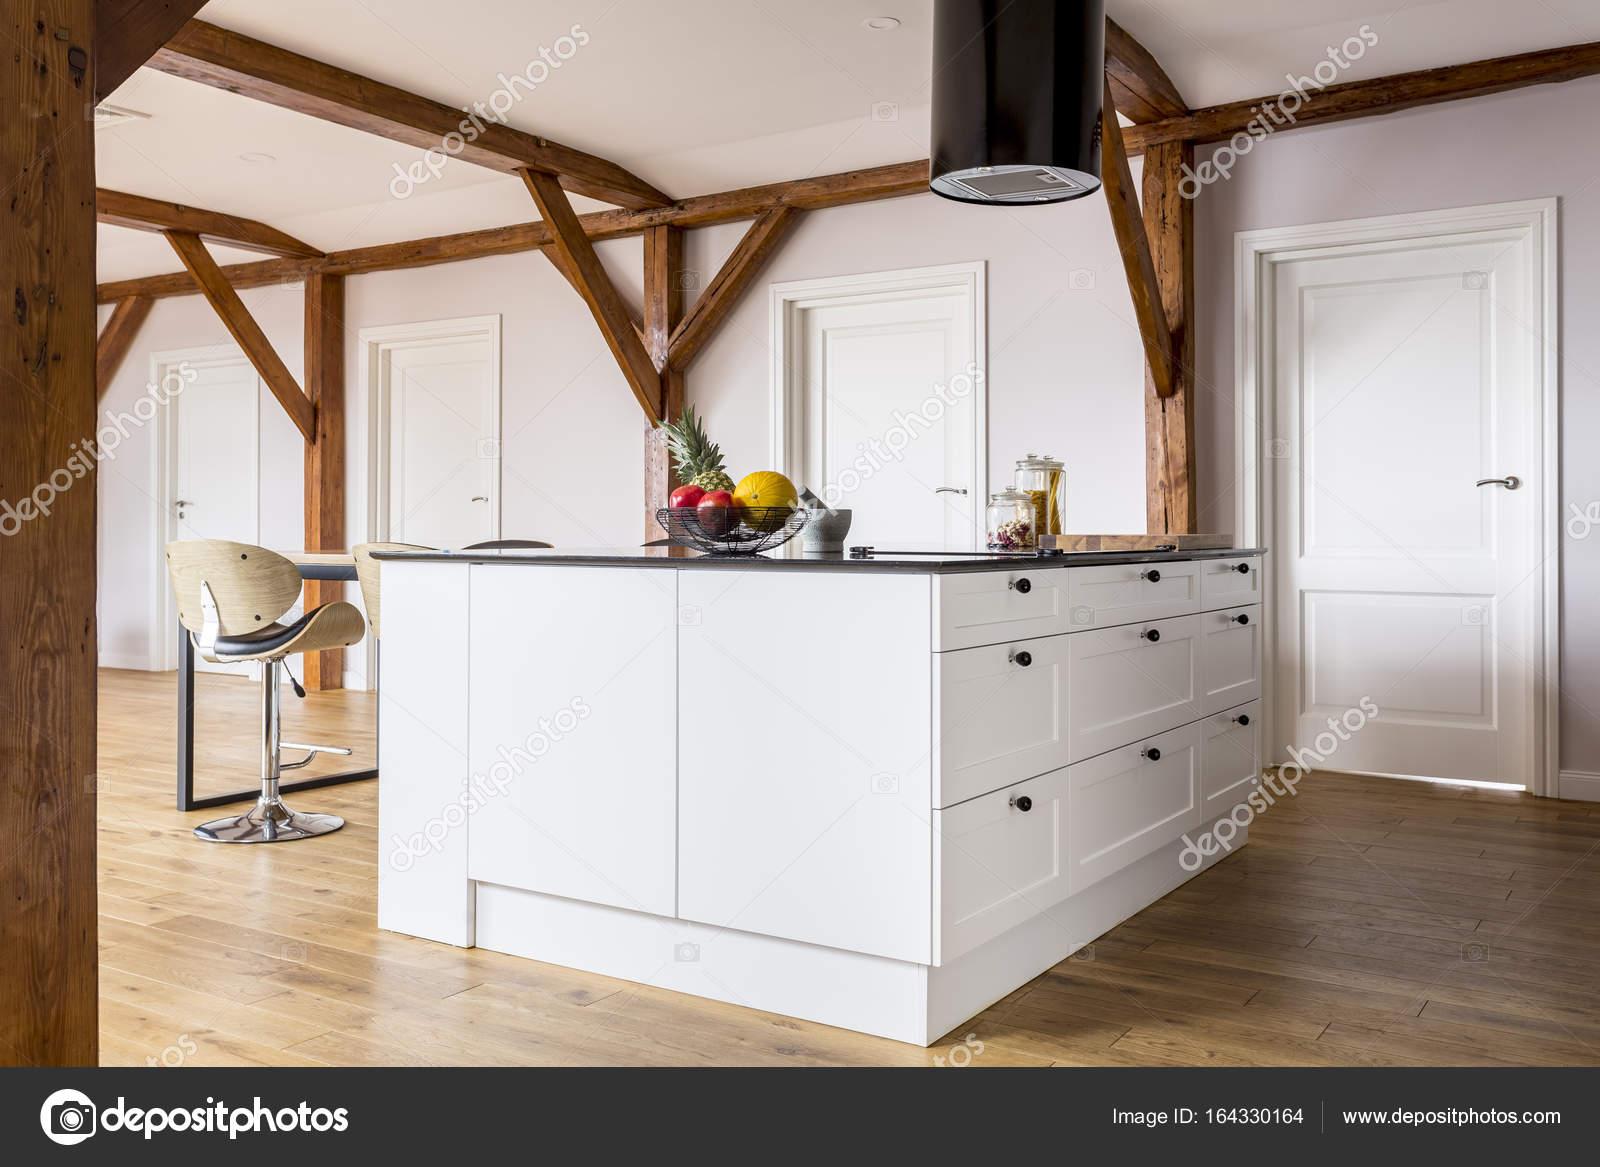 Freifläche mit Kücheninsel — Stockfoto © photographee.eu #164330164